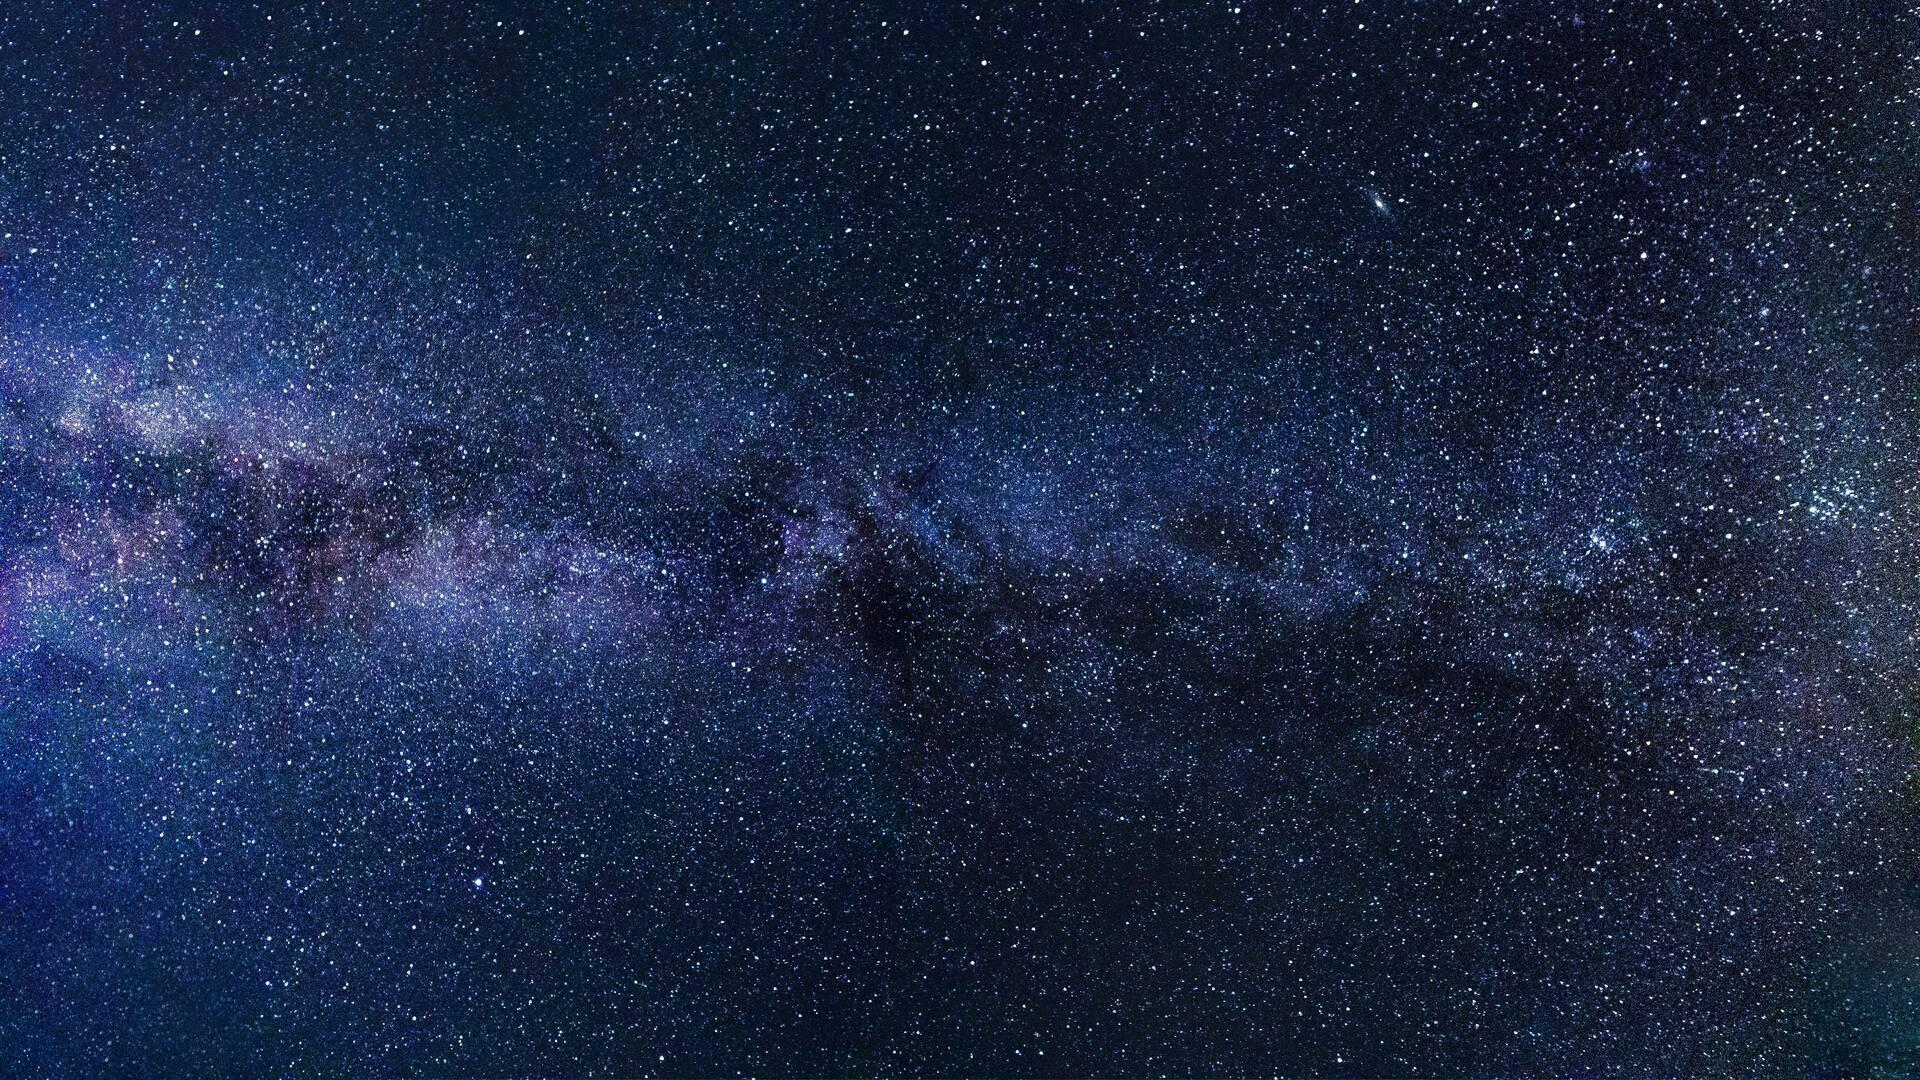 1920x1080 milky way starry